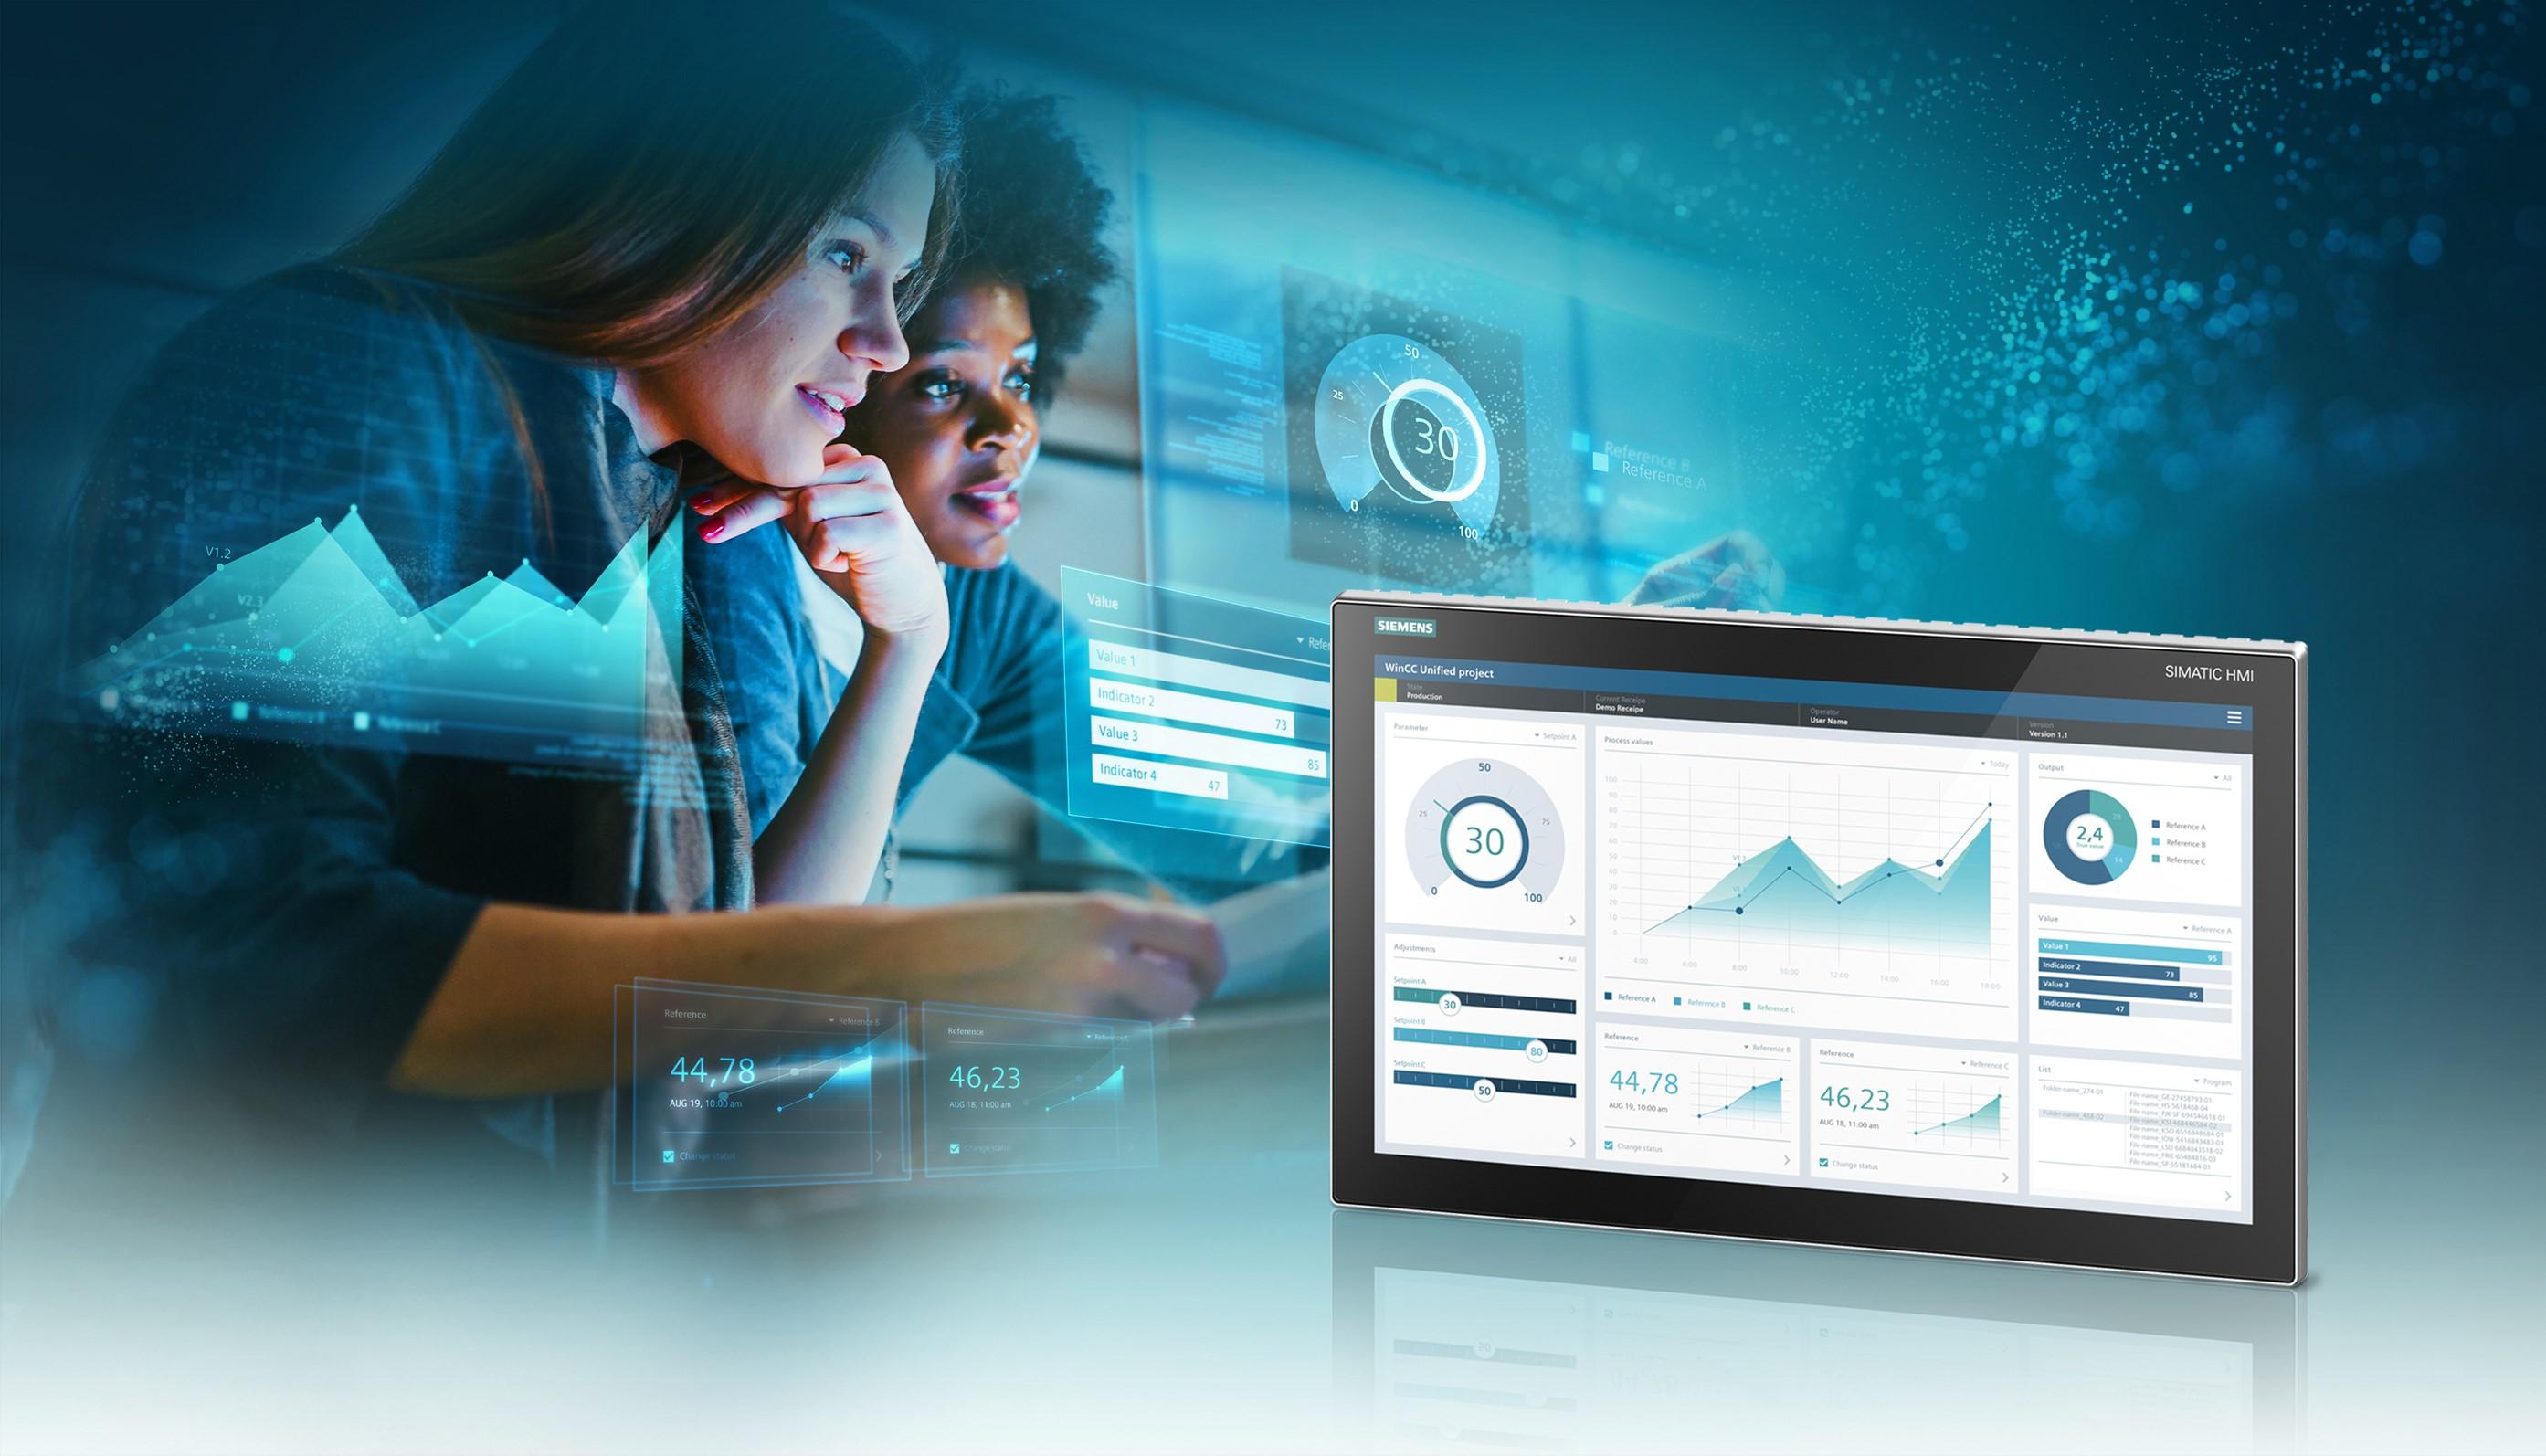 西门子发布基于Web的可视化系统,树立工业操作控制和监控新标准